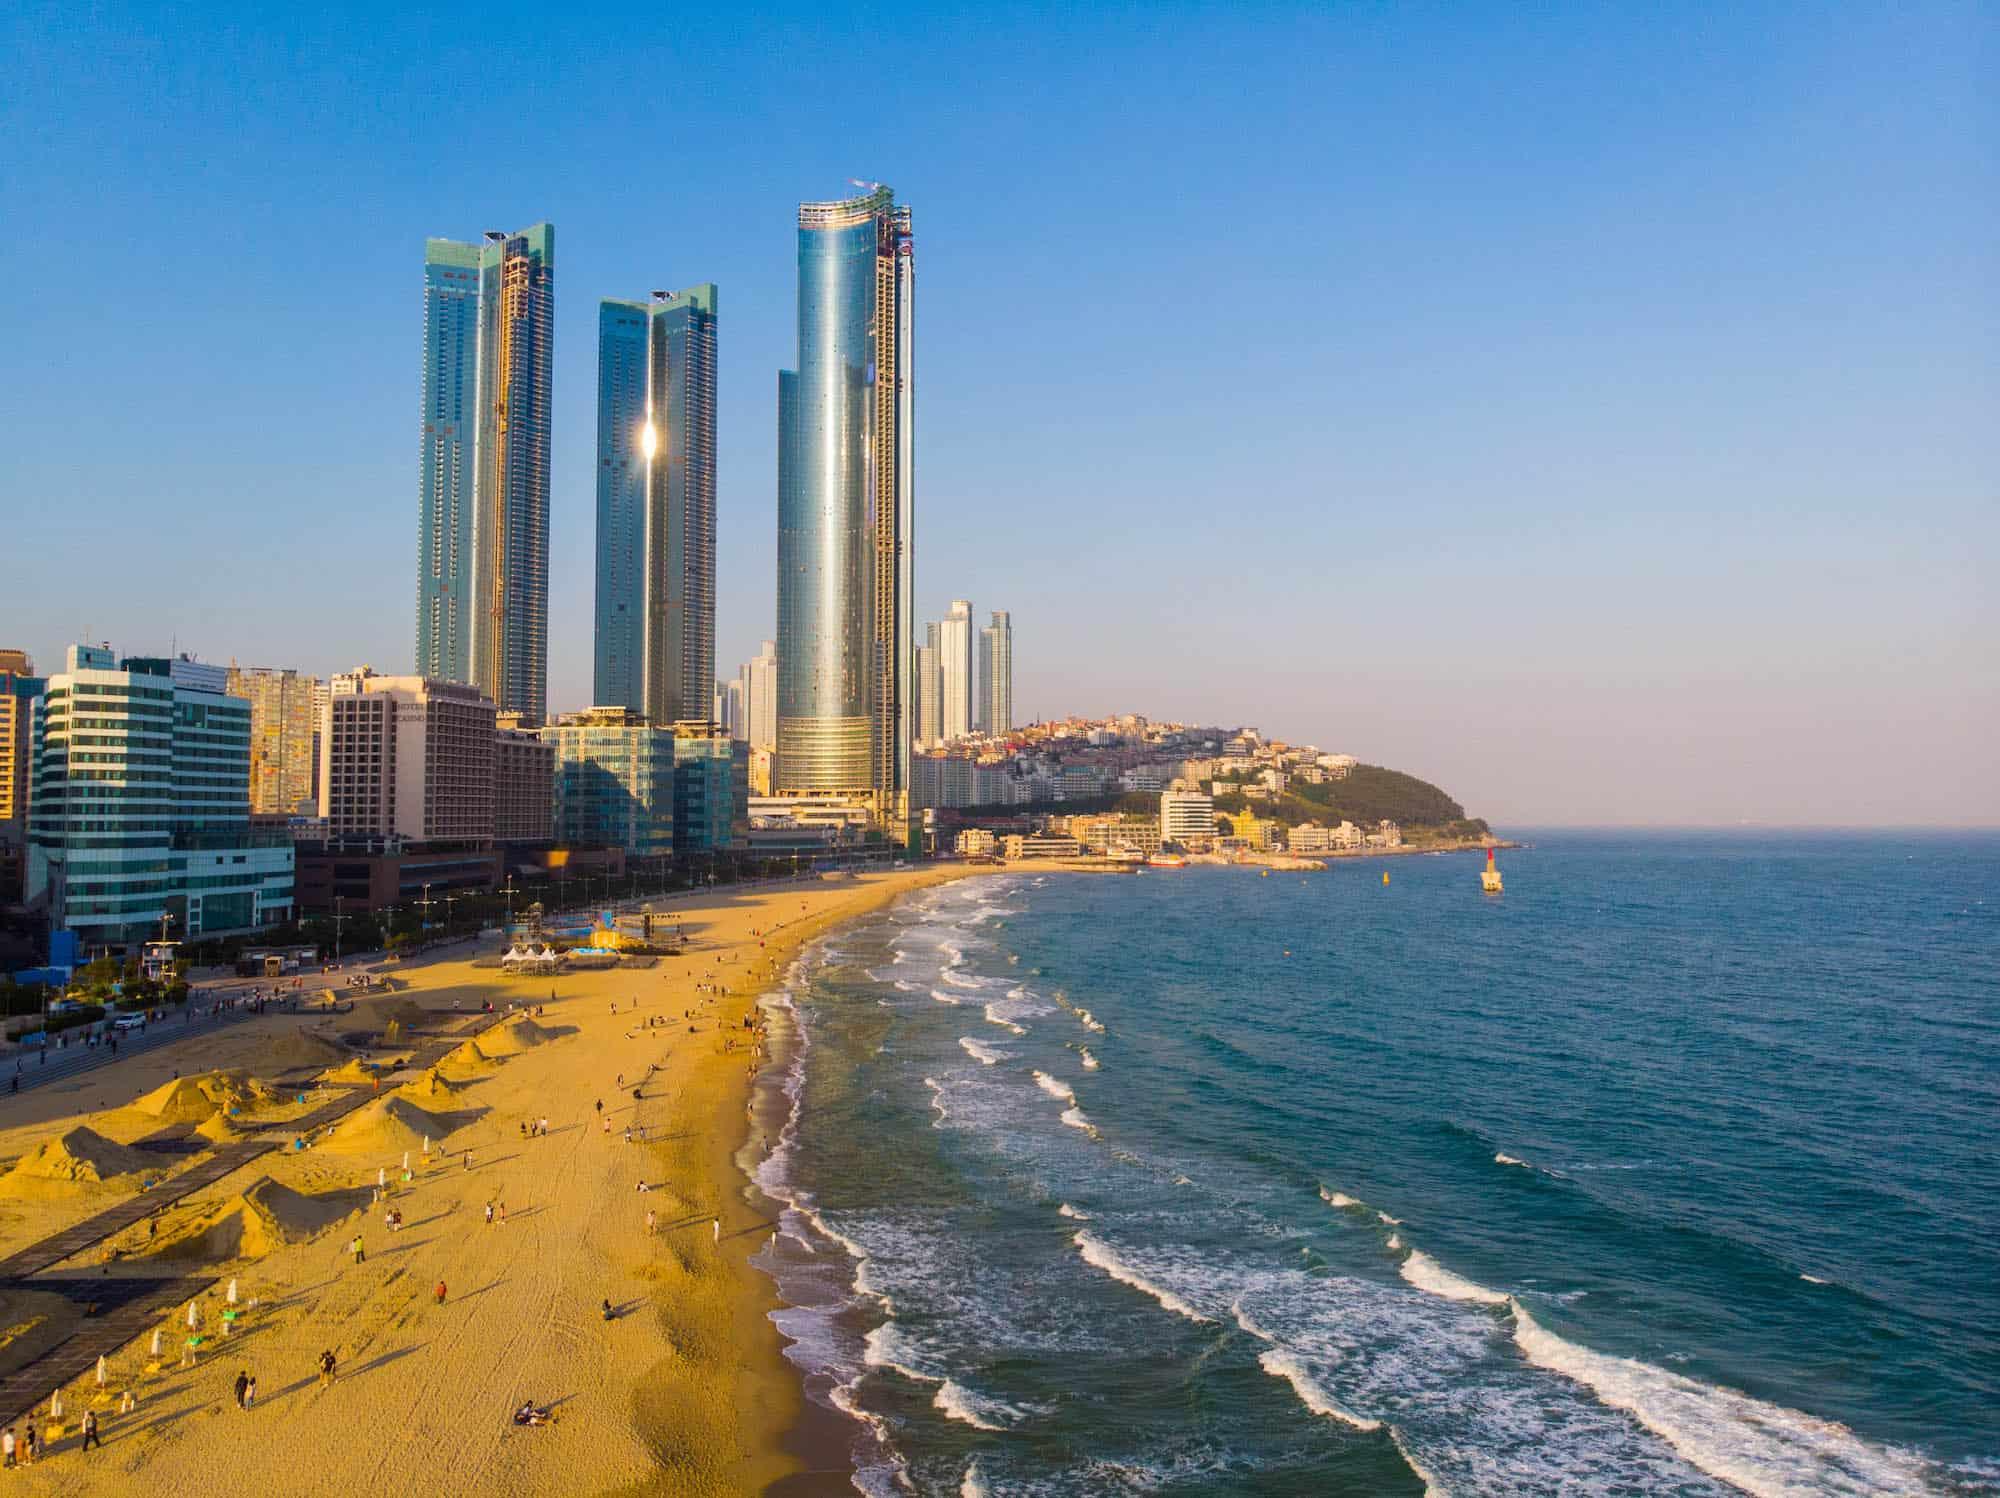 Things to do in Busan - Haeundae Beach